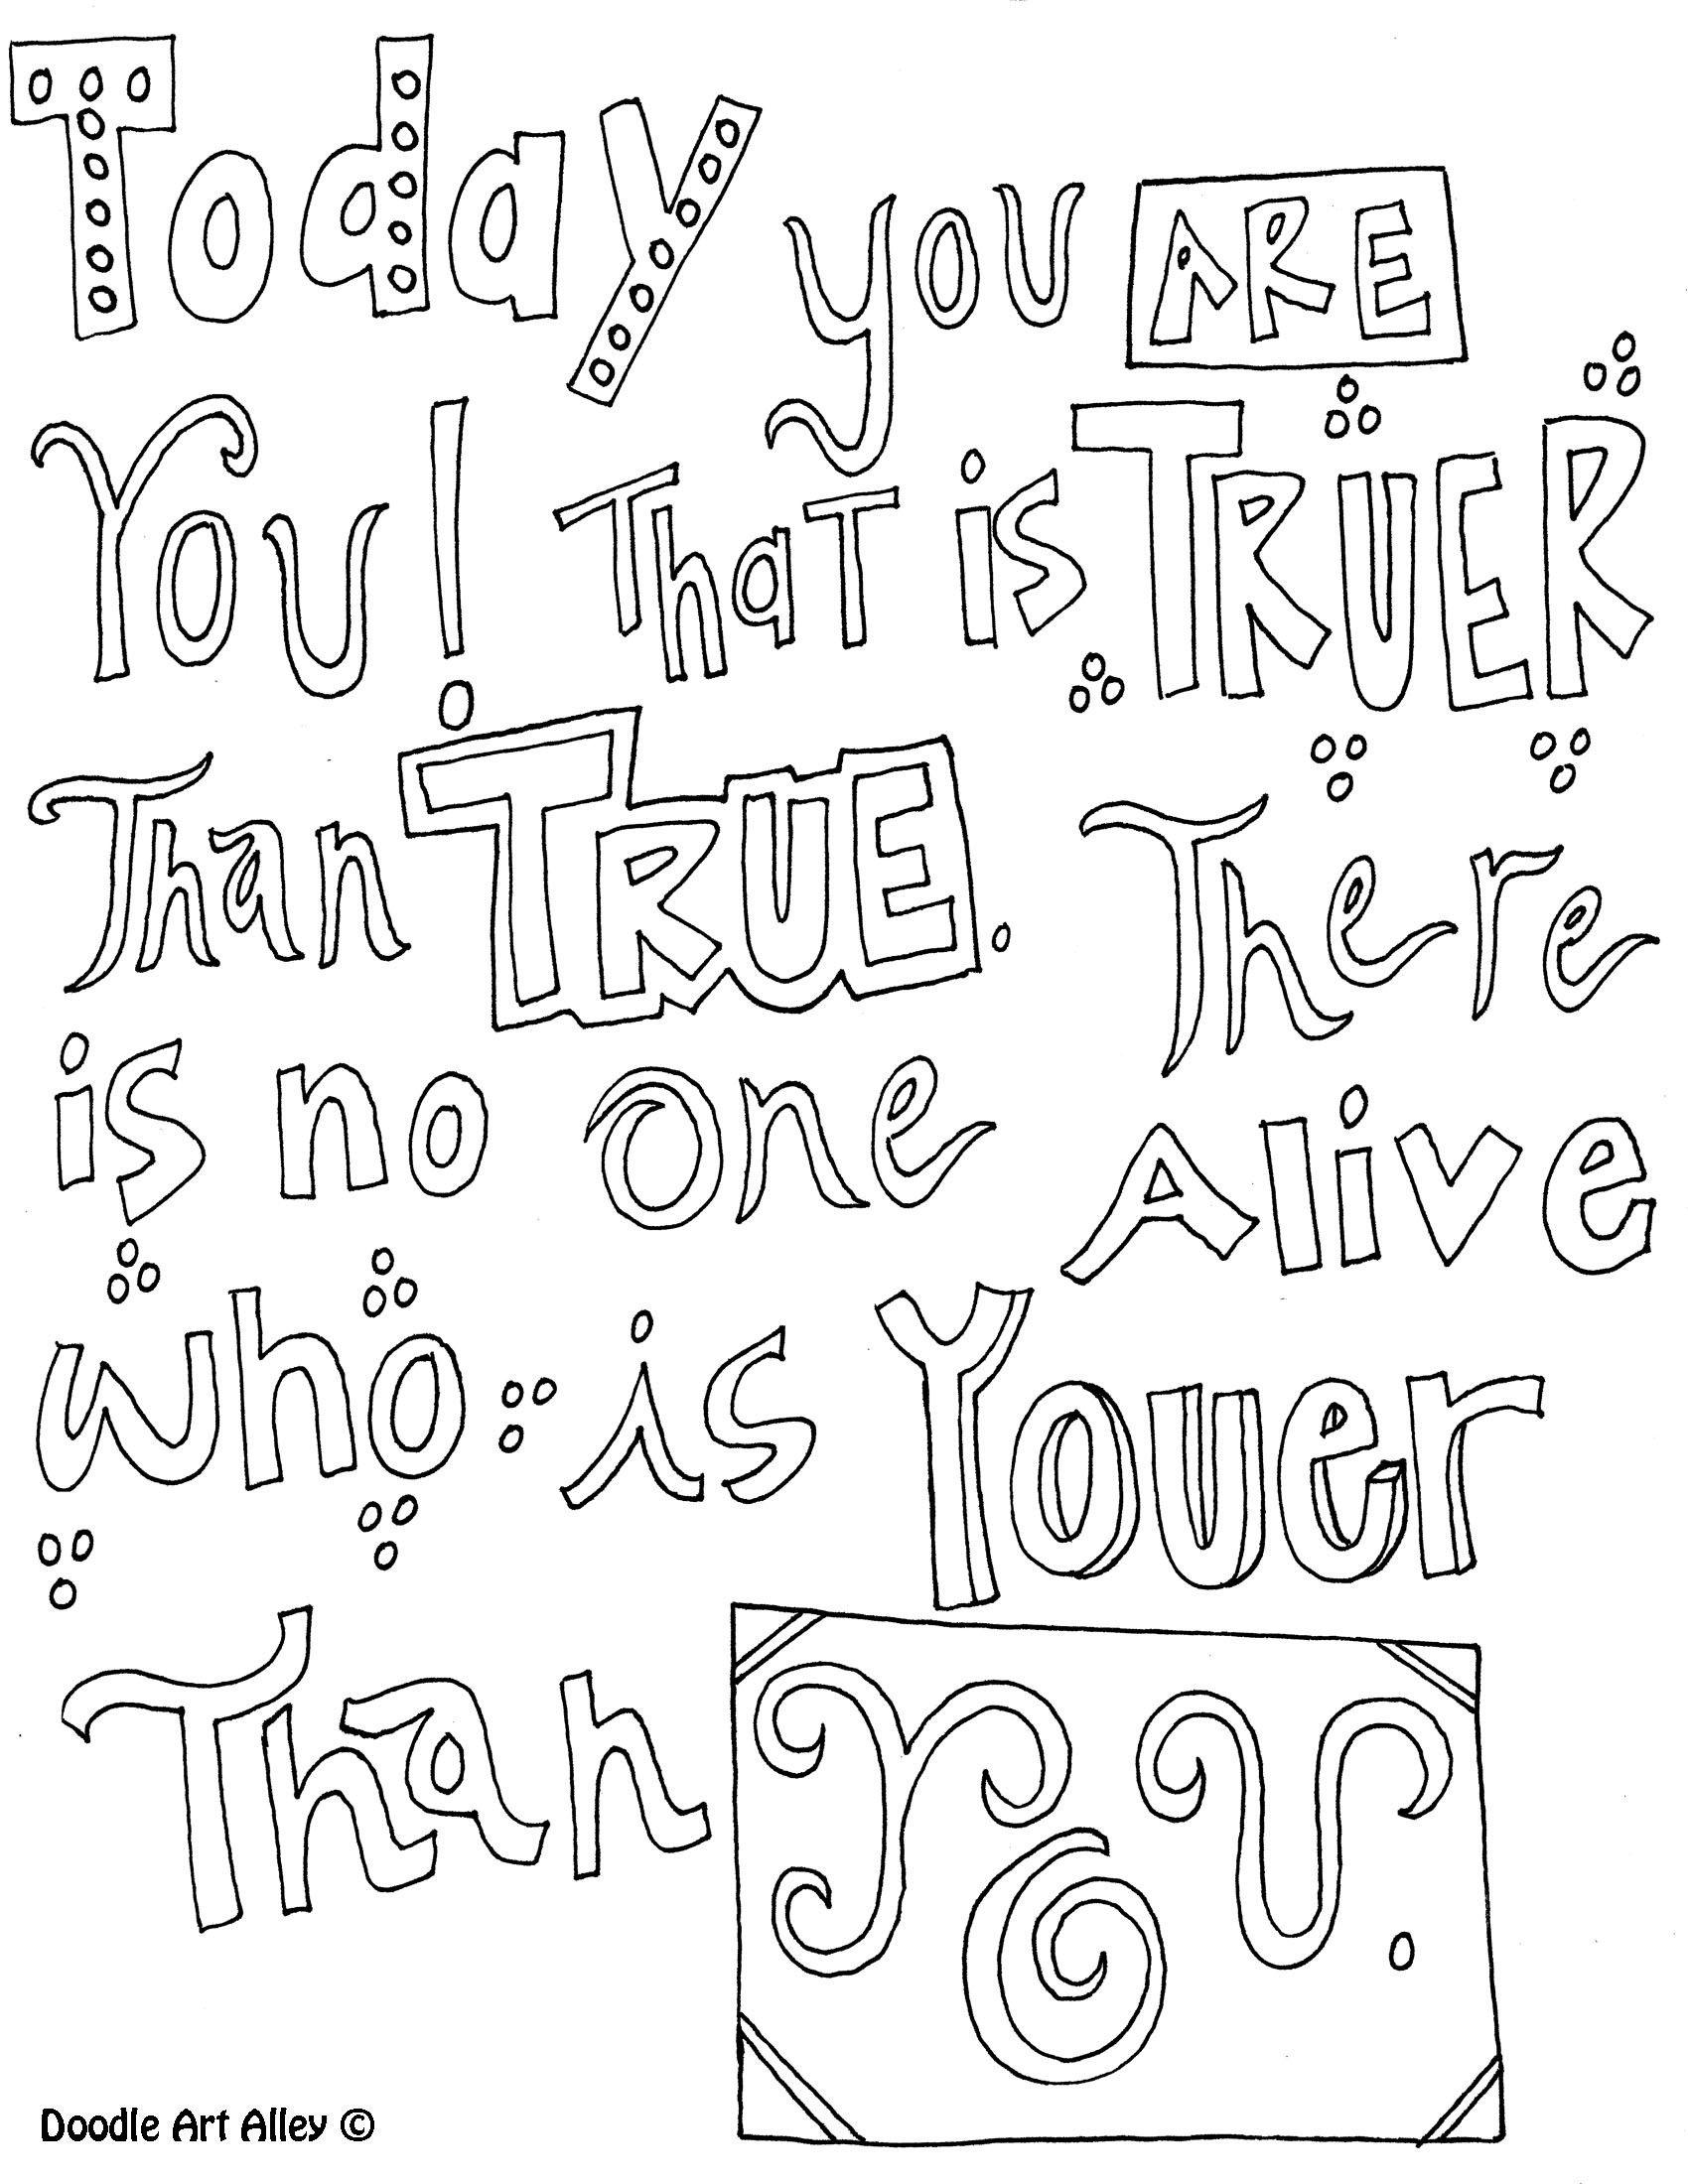 Dr Seuss Quote Coloring Pages Dr Seuss Coloring Pages Coloring Pages